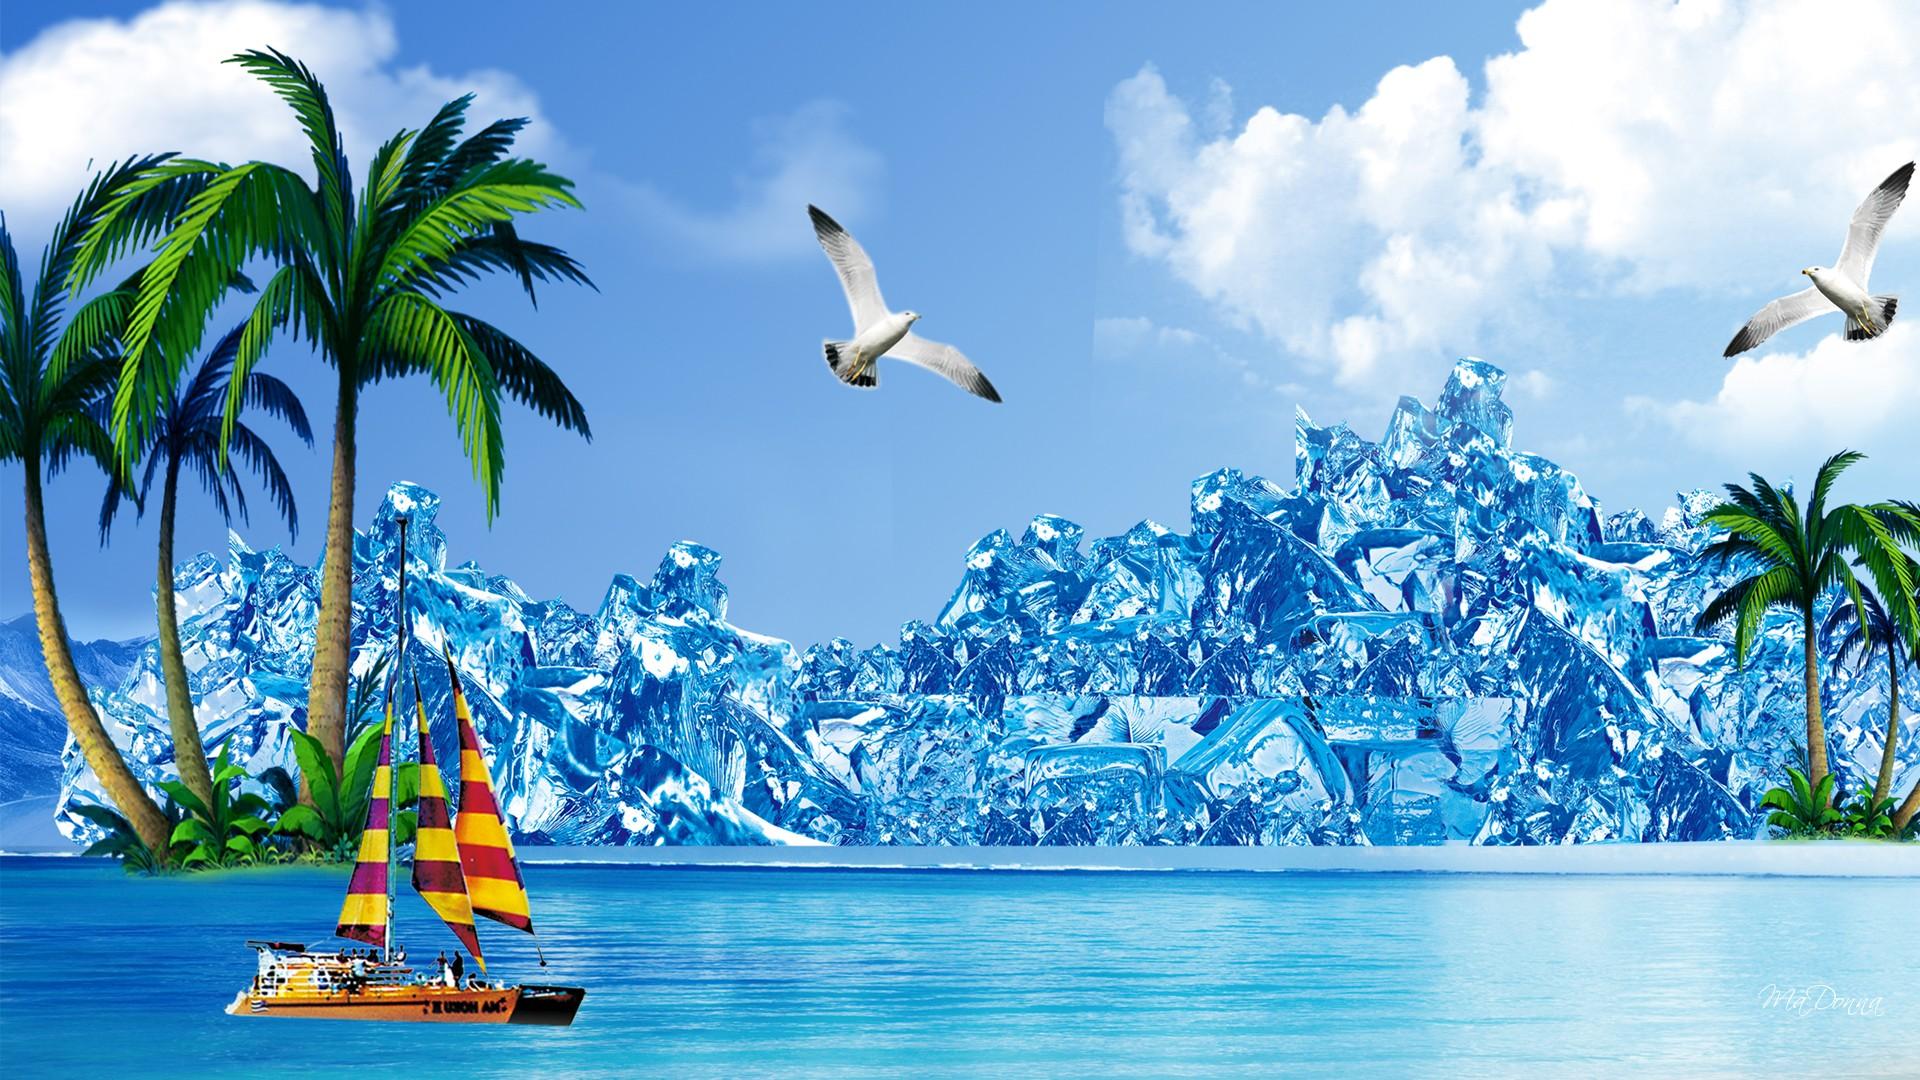 Summer Nature Desktop Backgrounds - HD Wallpaper